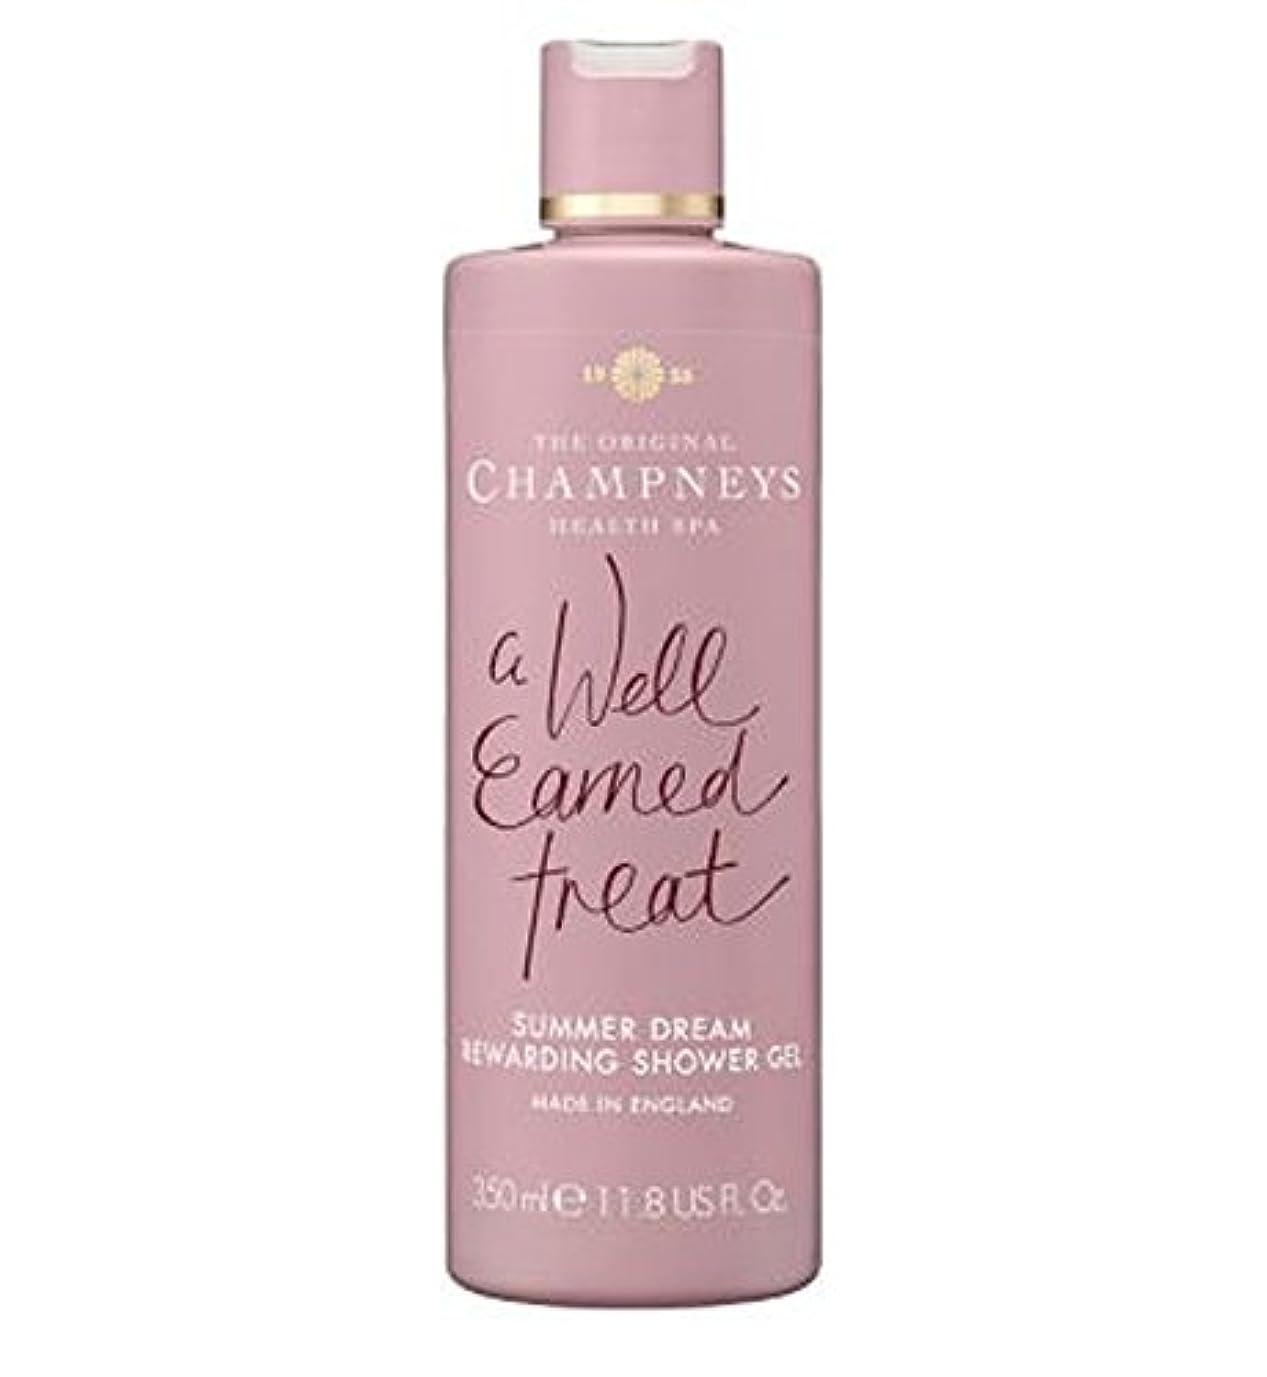 季節複数振り向くChampneys Summer Dream Rewarding Shower Gel 350ml - チャンプニーズの夏の夢やりがいのシャワージェル350ミリリットル (Champneys) [並行輸入品]